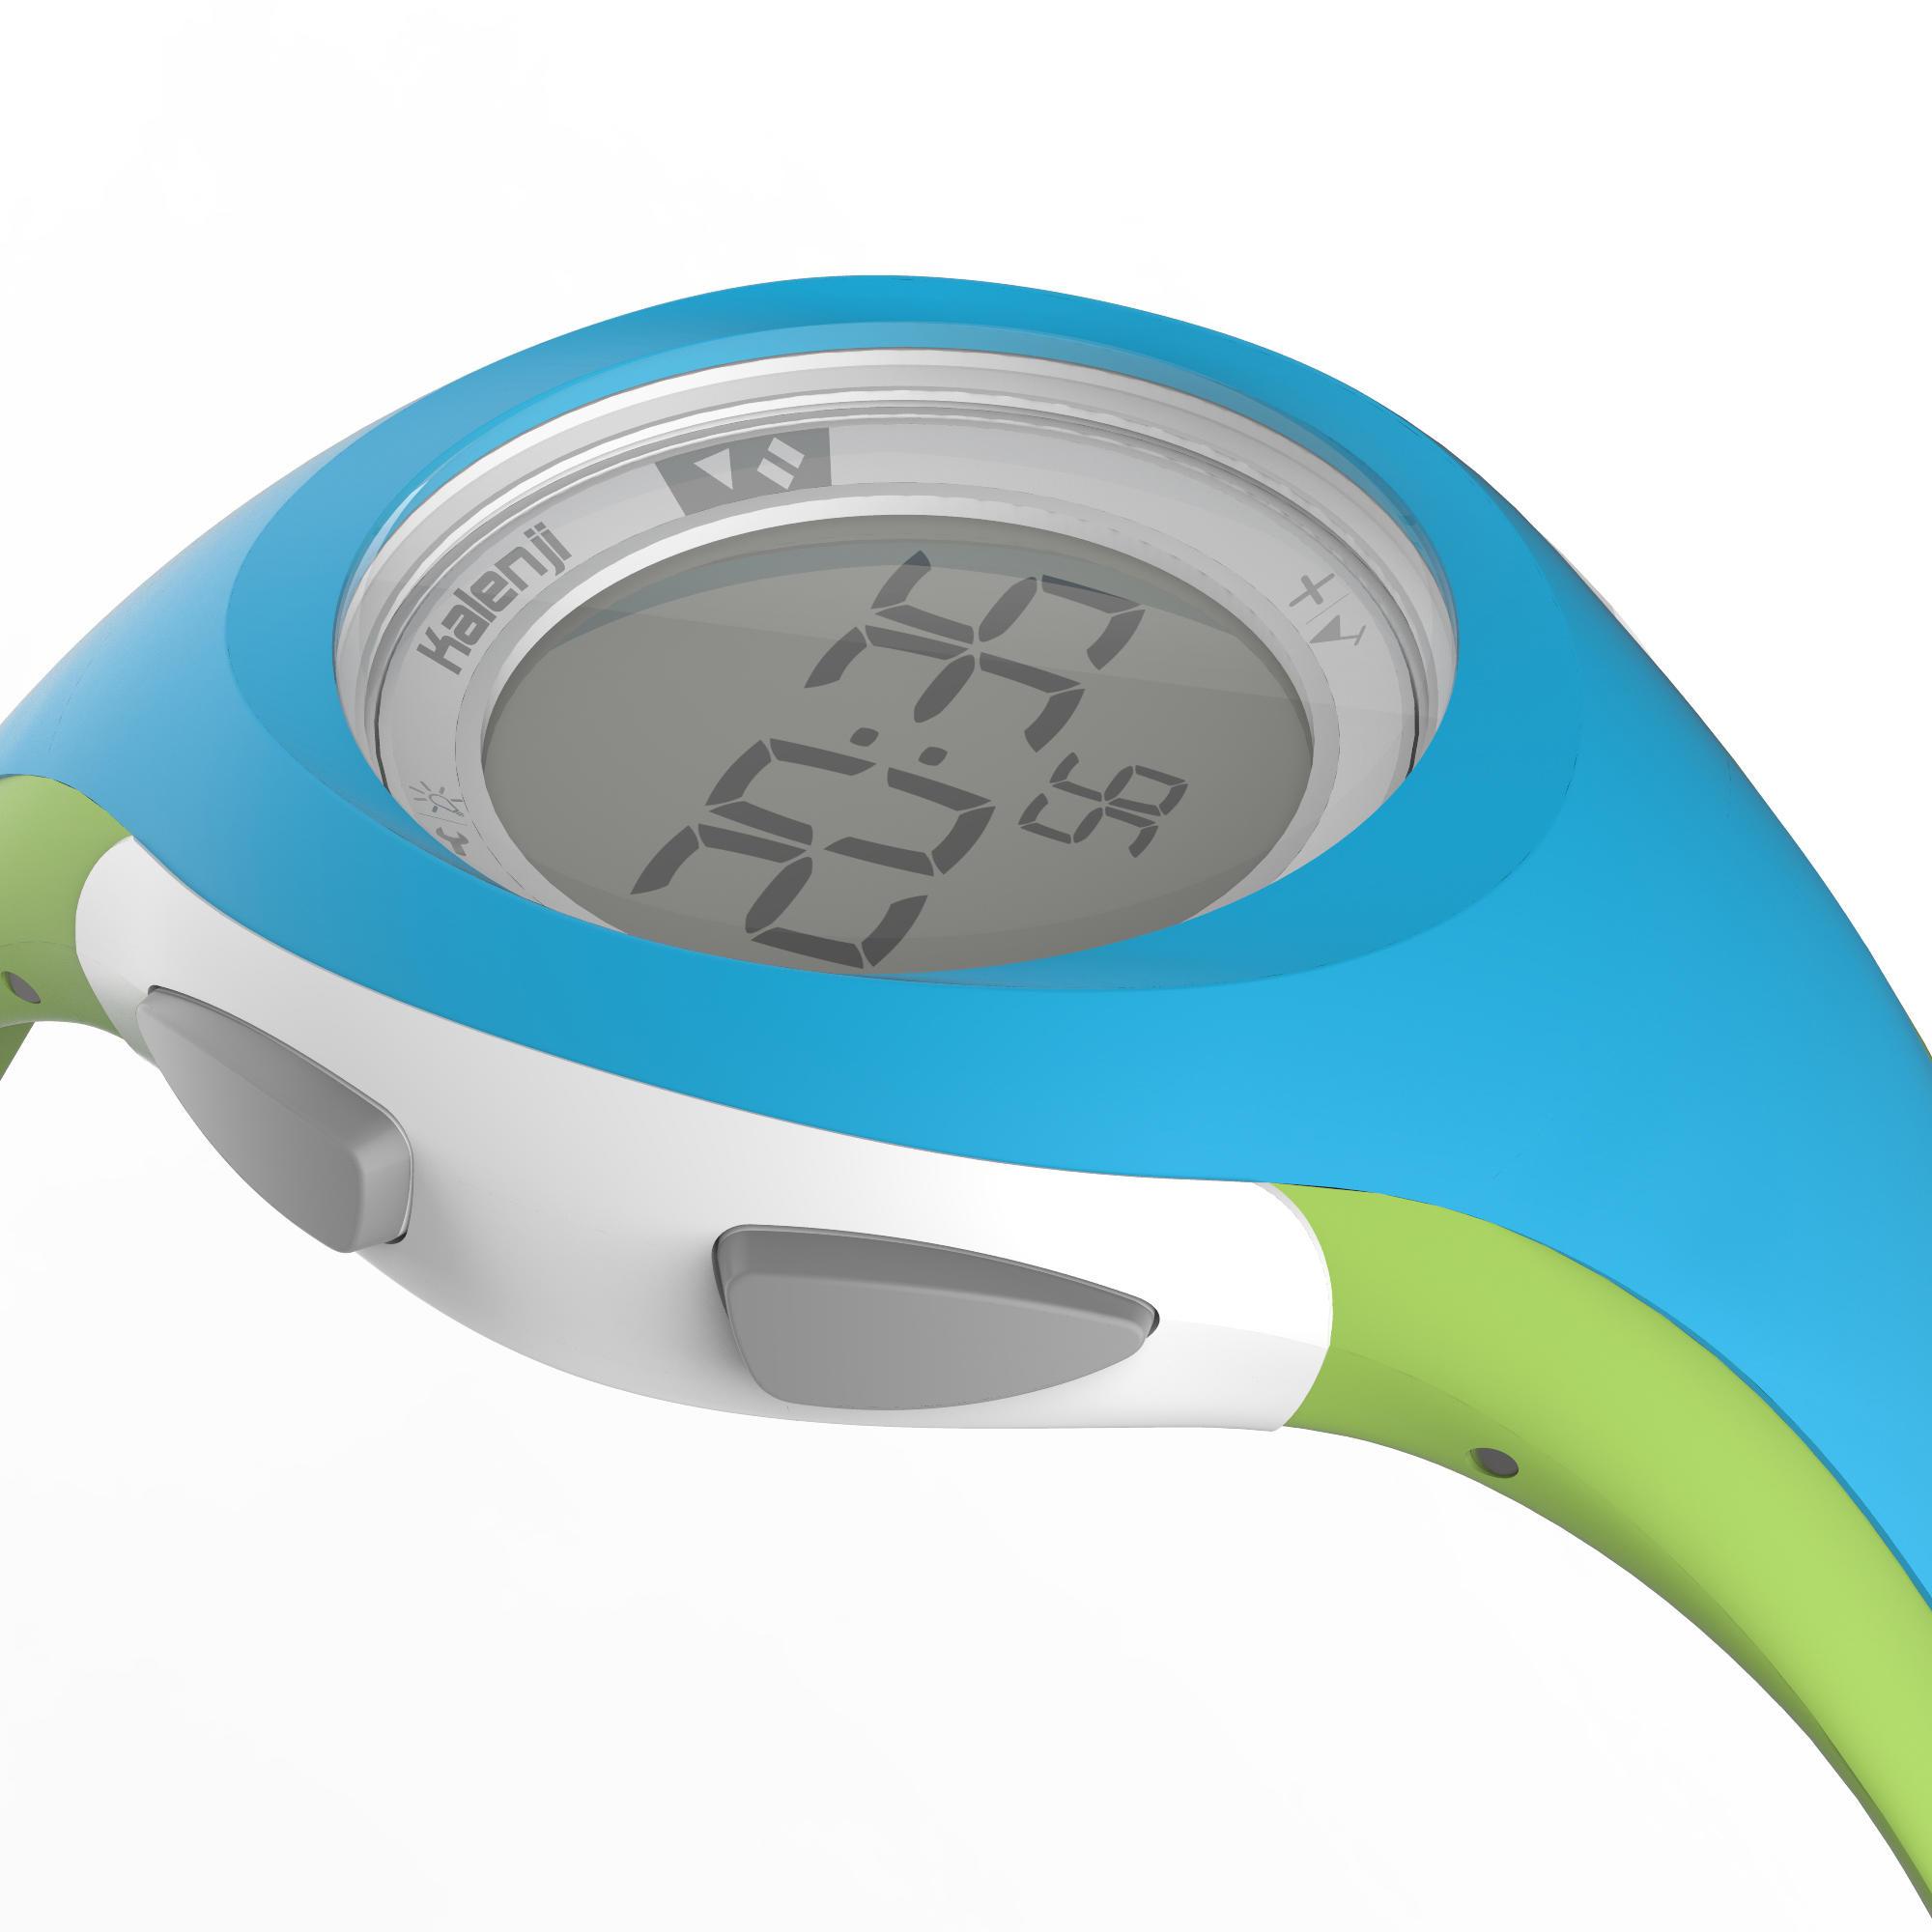 00ee80cc1566 Reloj deporte dama y junior W200 S temporizador azul y verde ...